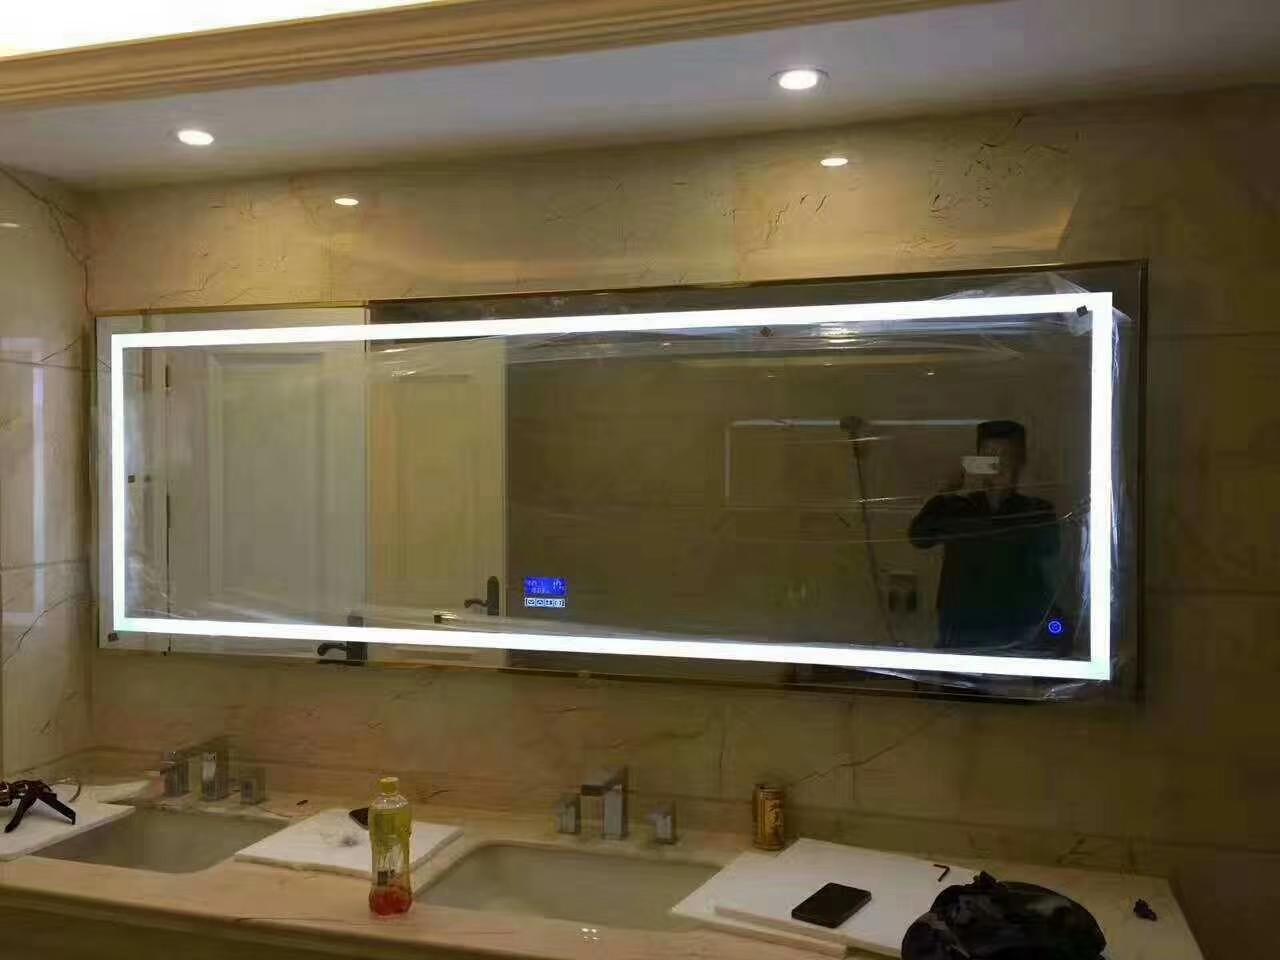 厂家直销浴室镜防雾带灯除雾多功能镜子 led智能镜 防雾浴室镜 防雾led浴室镜